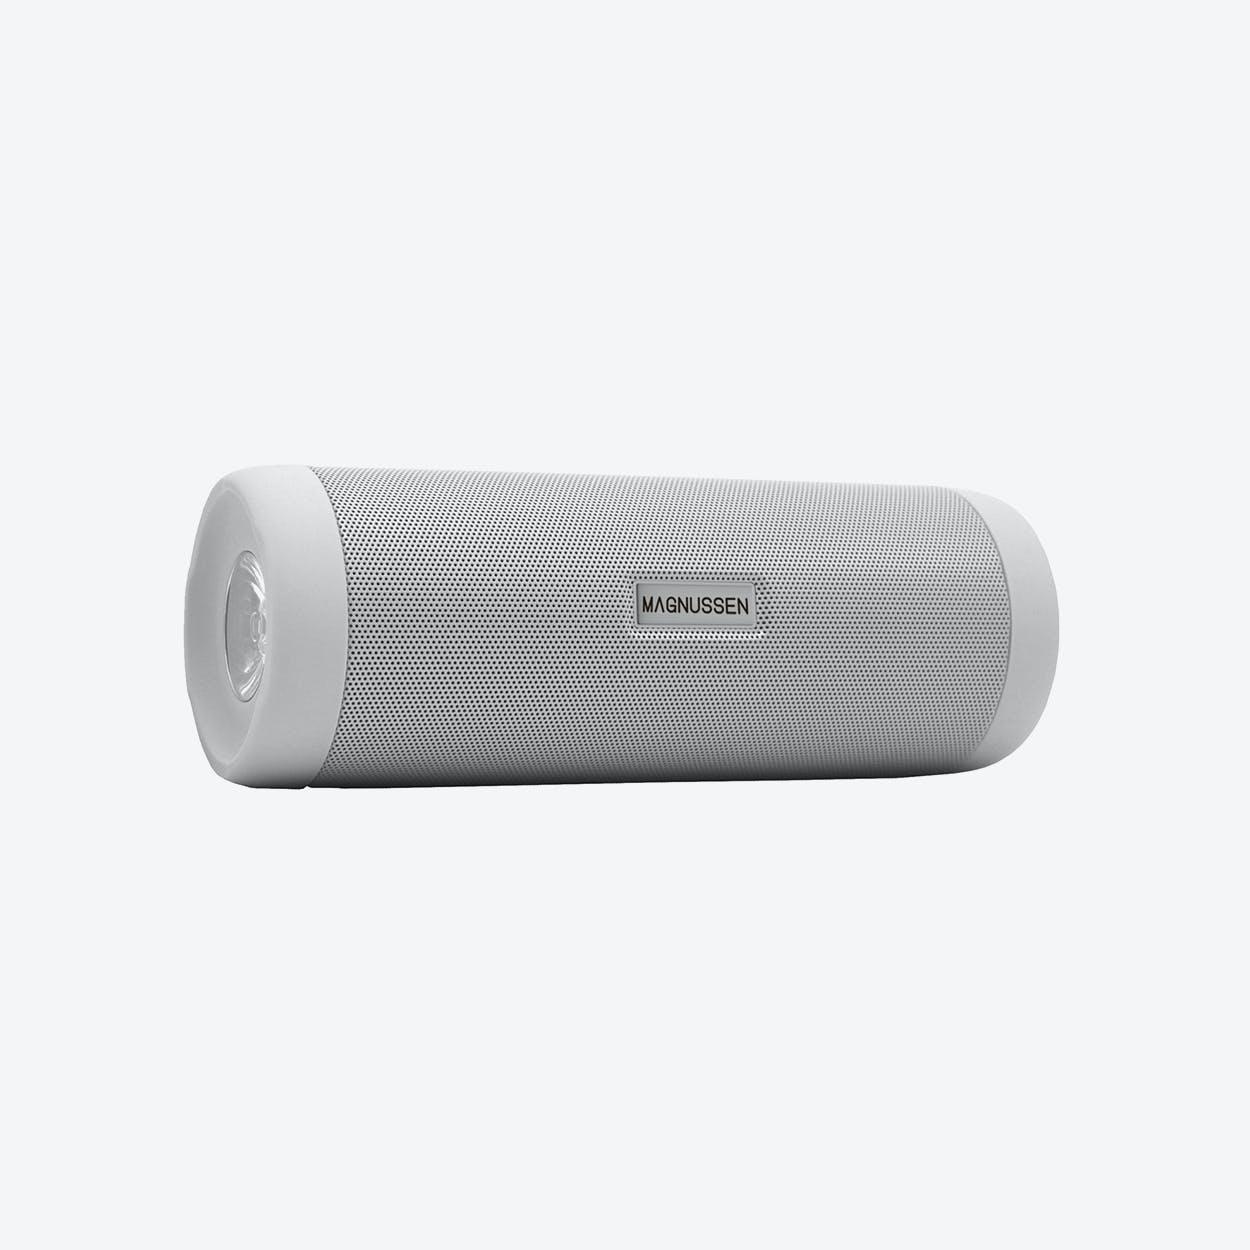 MAGNUSSEN S2 Bluetooth Wireless Speaker in Silver